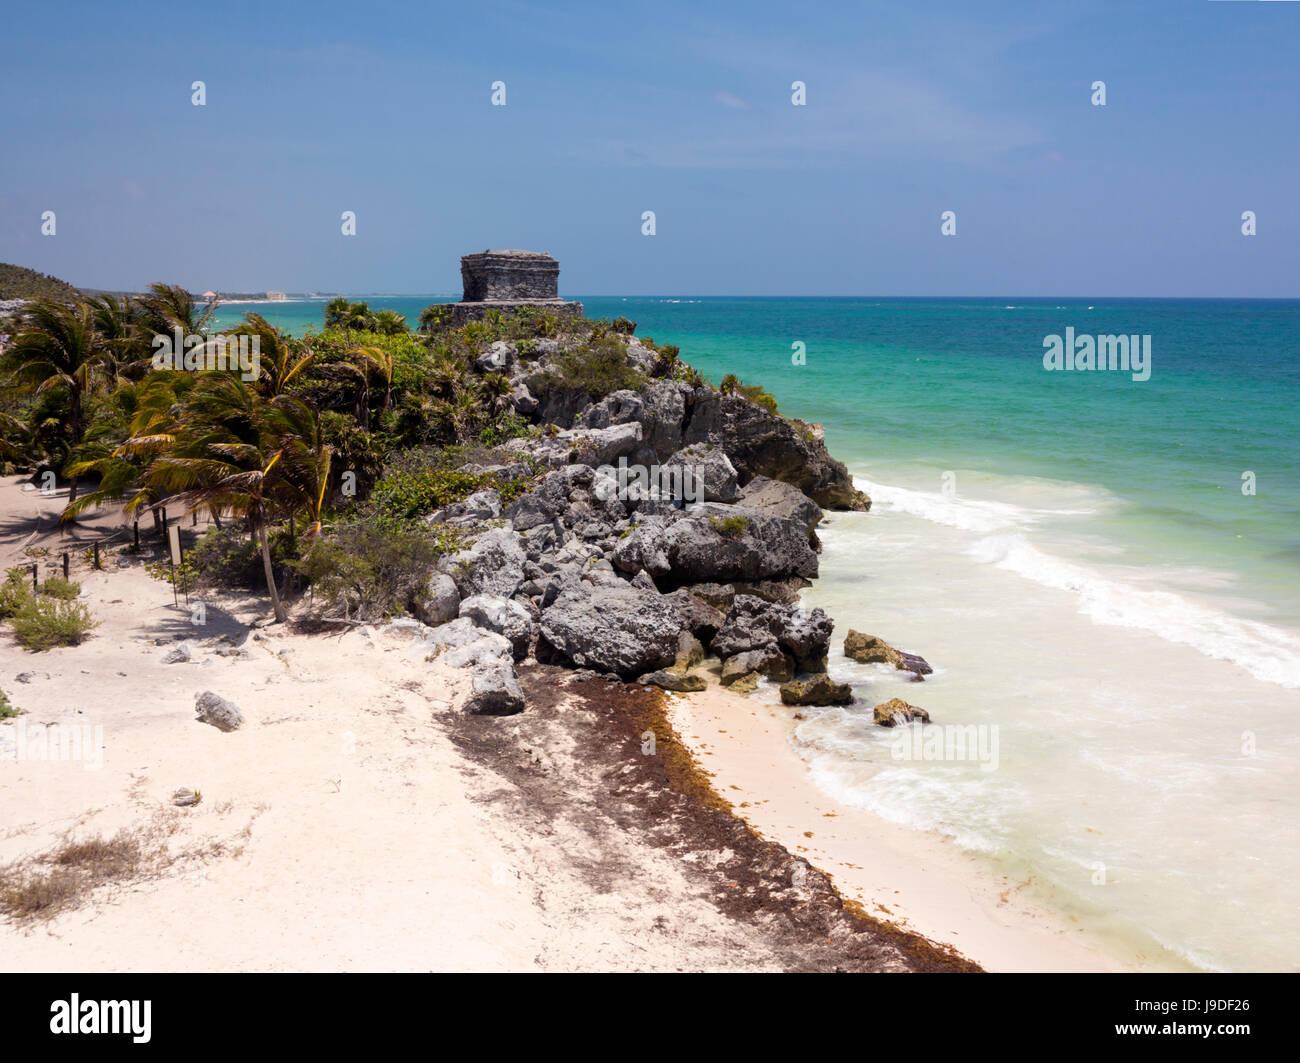 Mayan Templo del Dios del Viento (Templo del Dios del Viento), la Zona Arqueológica de Tulum, Quntana Roo, Imagen De Stock